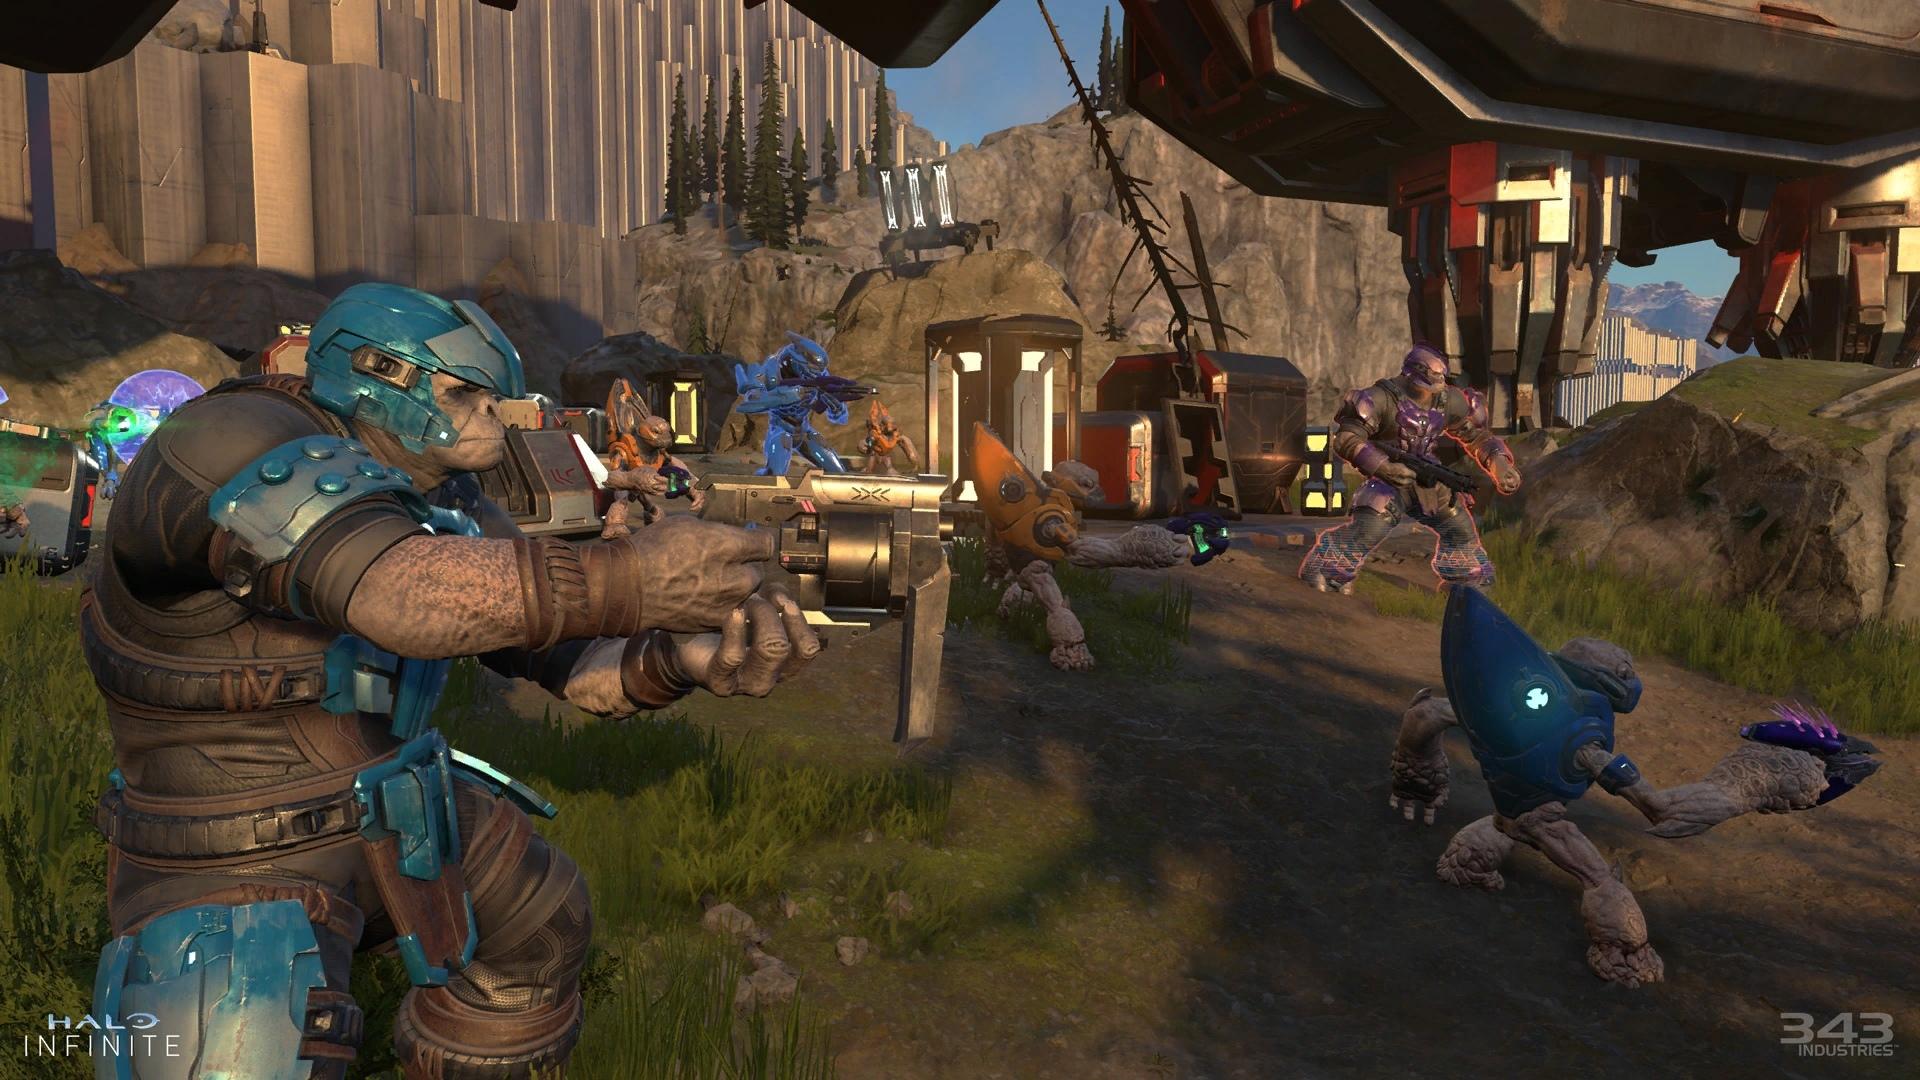 Игроки критикуют Halo Infinite после демонстрации за слабую графику